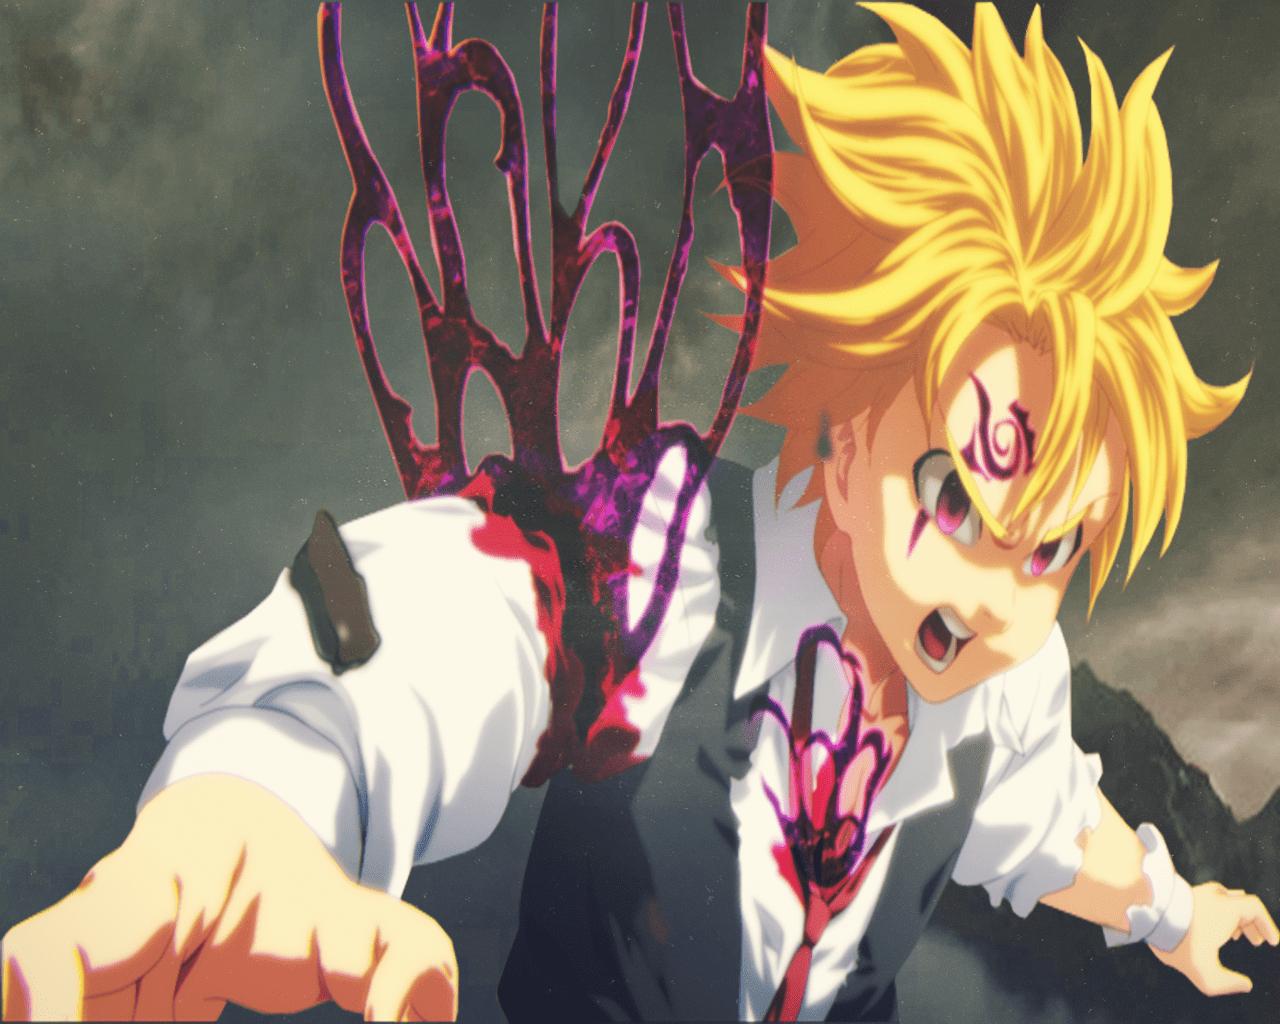 Hd Wallpaper Anime The Seven Deadly Sins Estarossa The